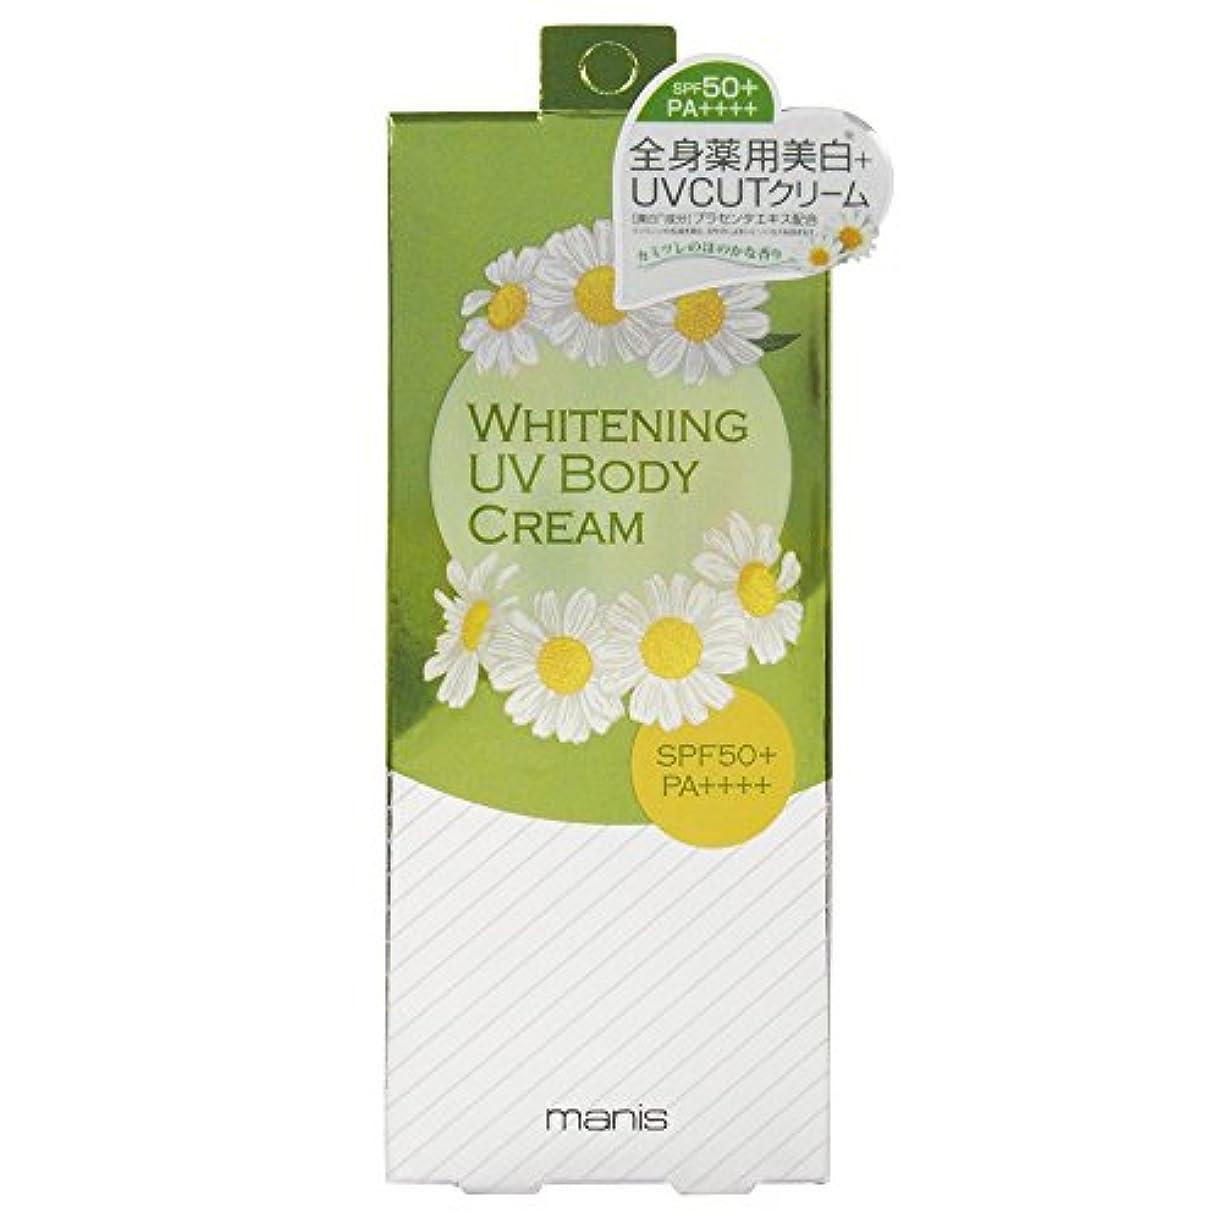 飢えた雰囲気記憶に残るマニス ホワイトニングUVボディクリーム (80g)